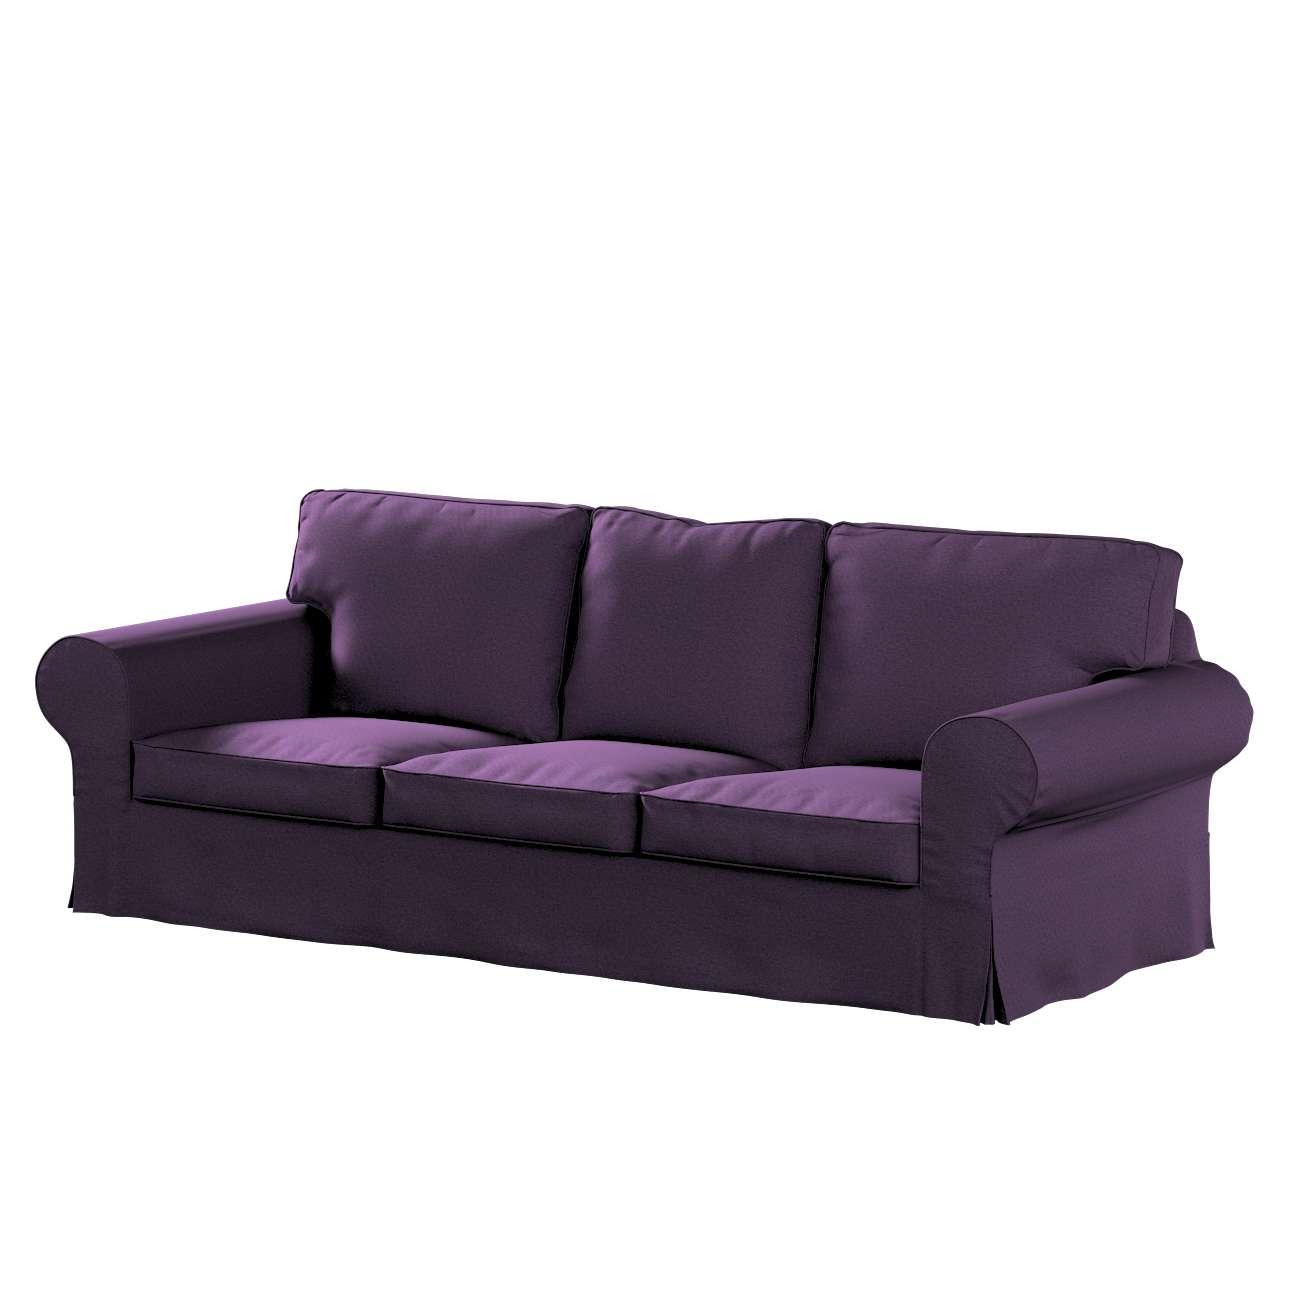 Pokrowiec na sofę Ektorp 3-osobową, nierozkładaną w kolekcji Etna, tkanina: 161-27